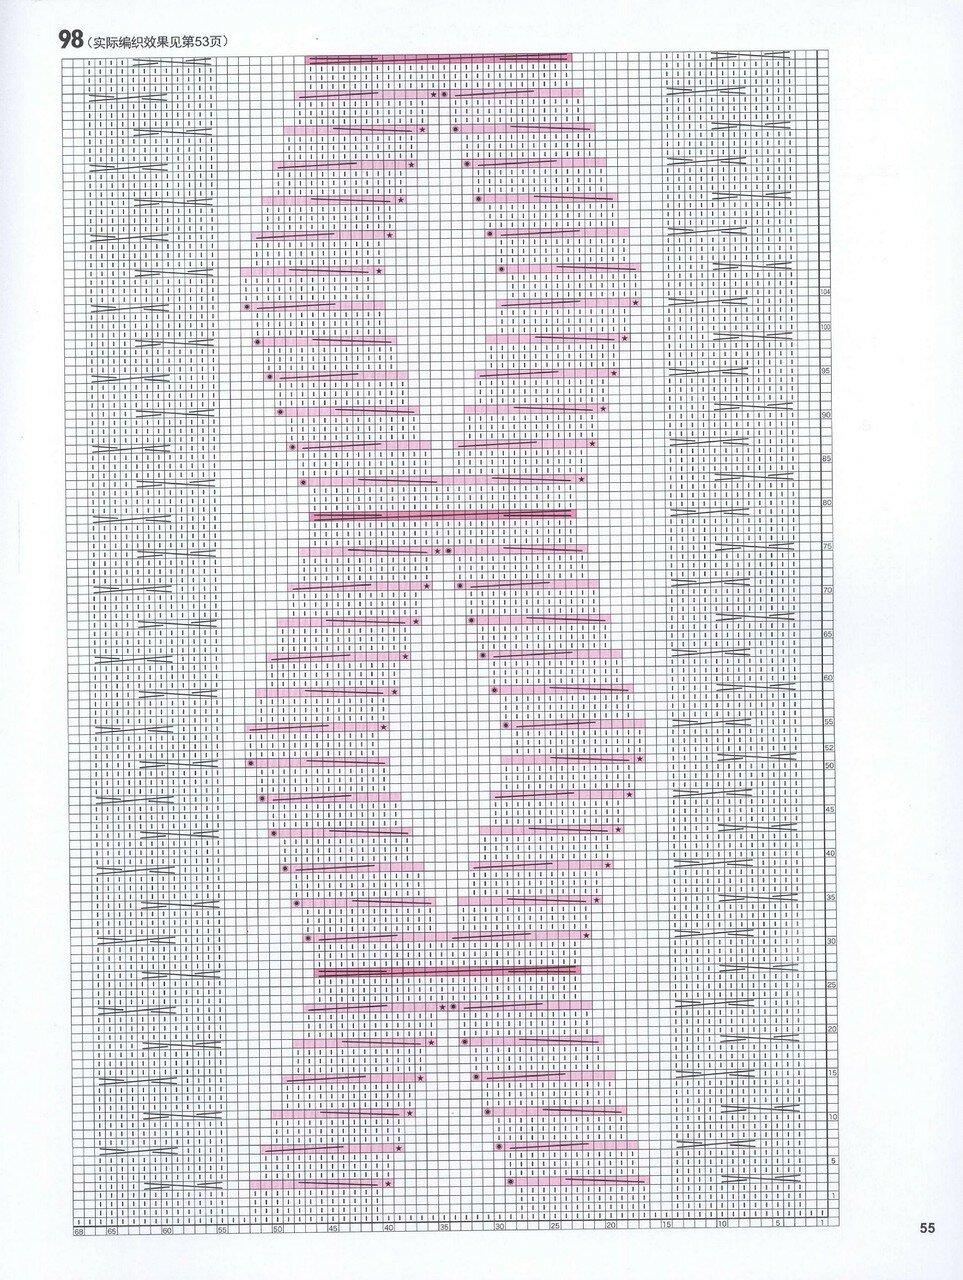 150 Knitting_57.jpg